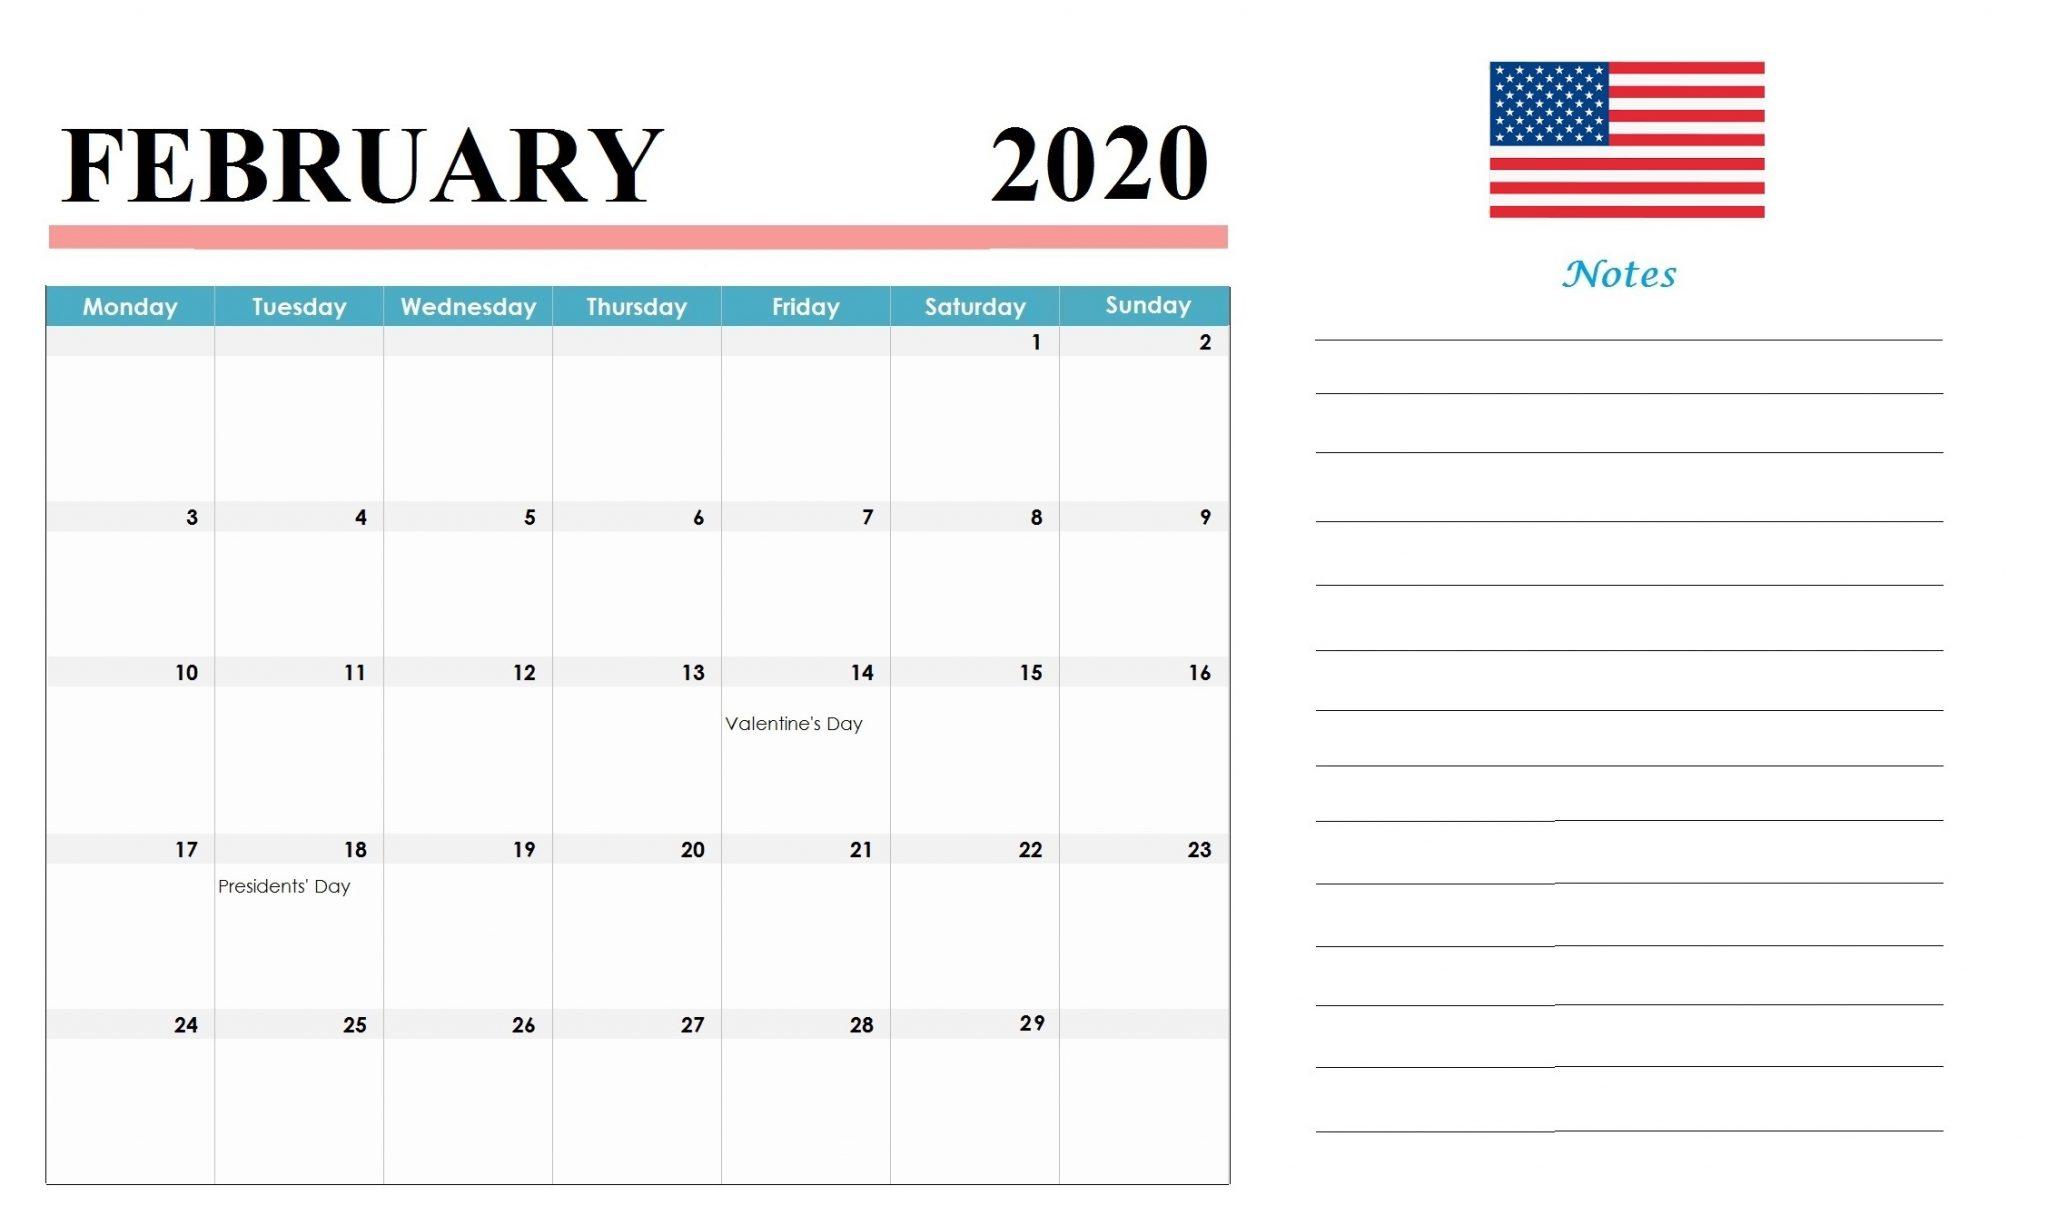 United States February 2020 Holidays Calendar